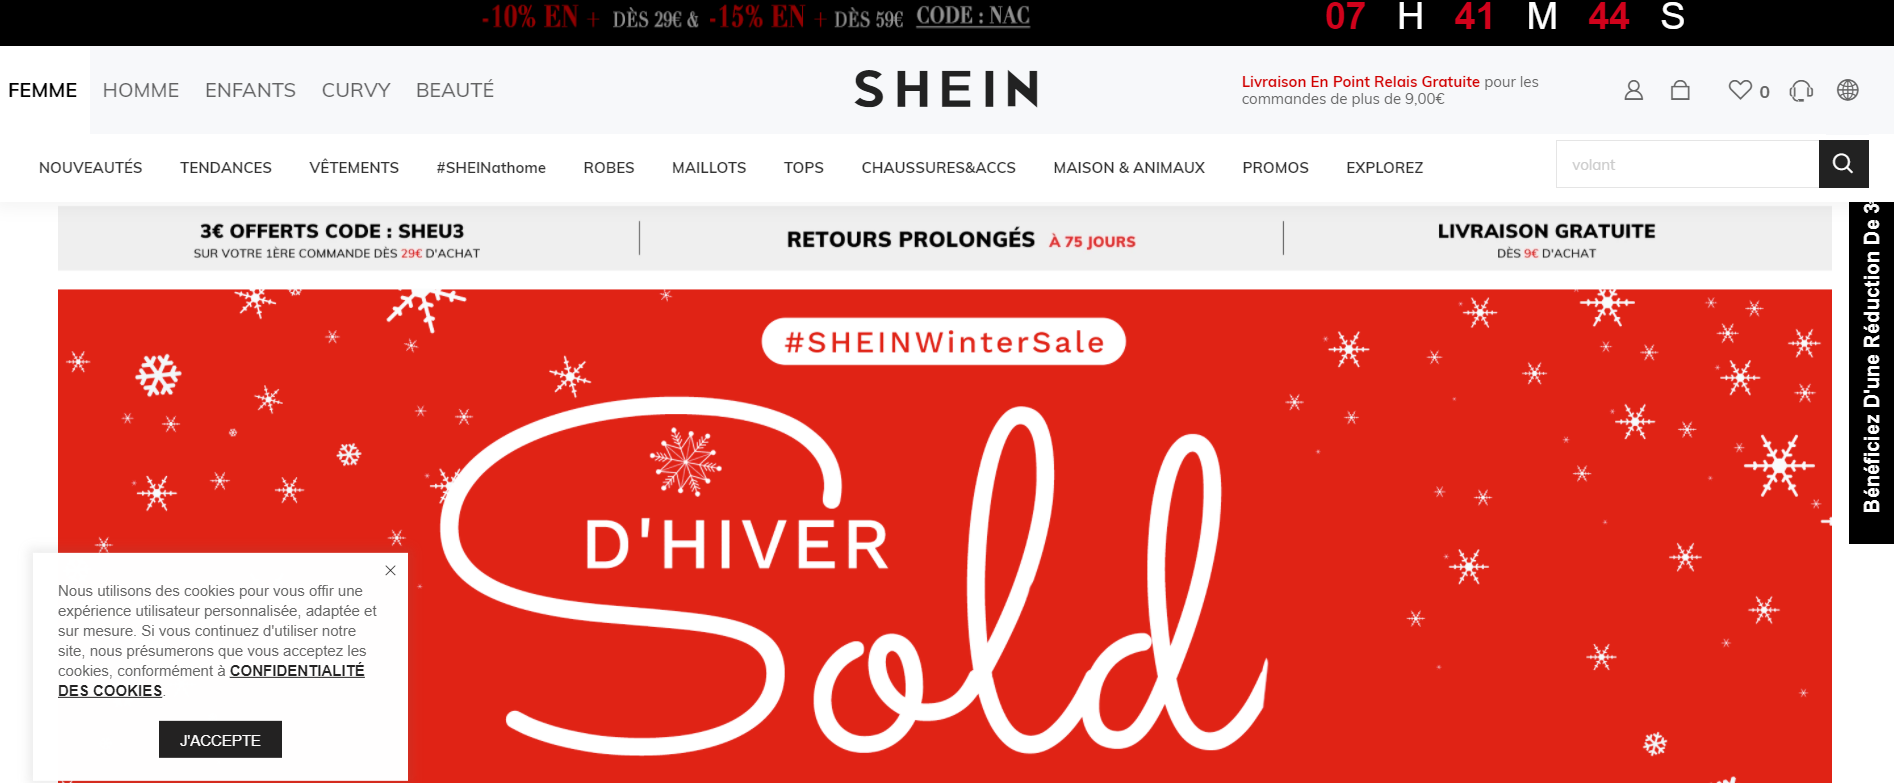 Page d'accueil de la boutique chinoise Shein